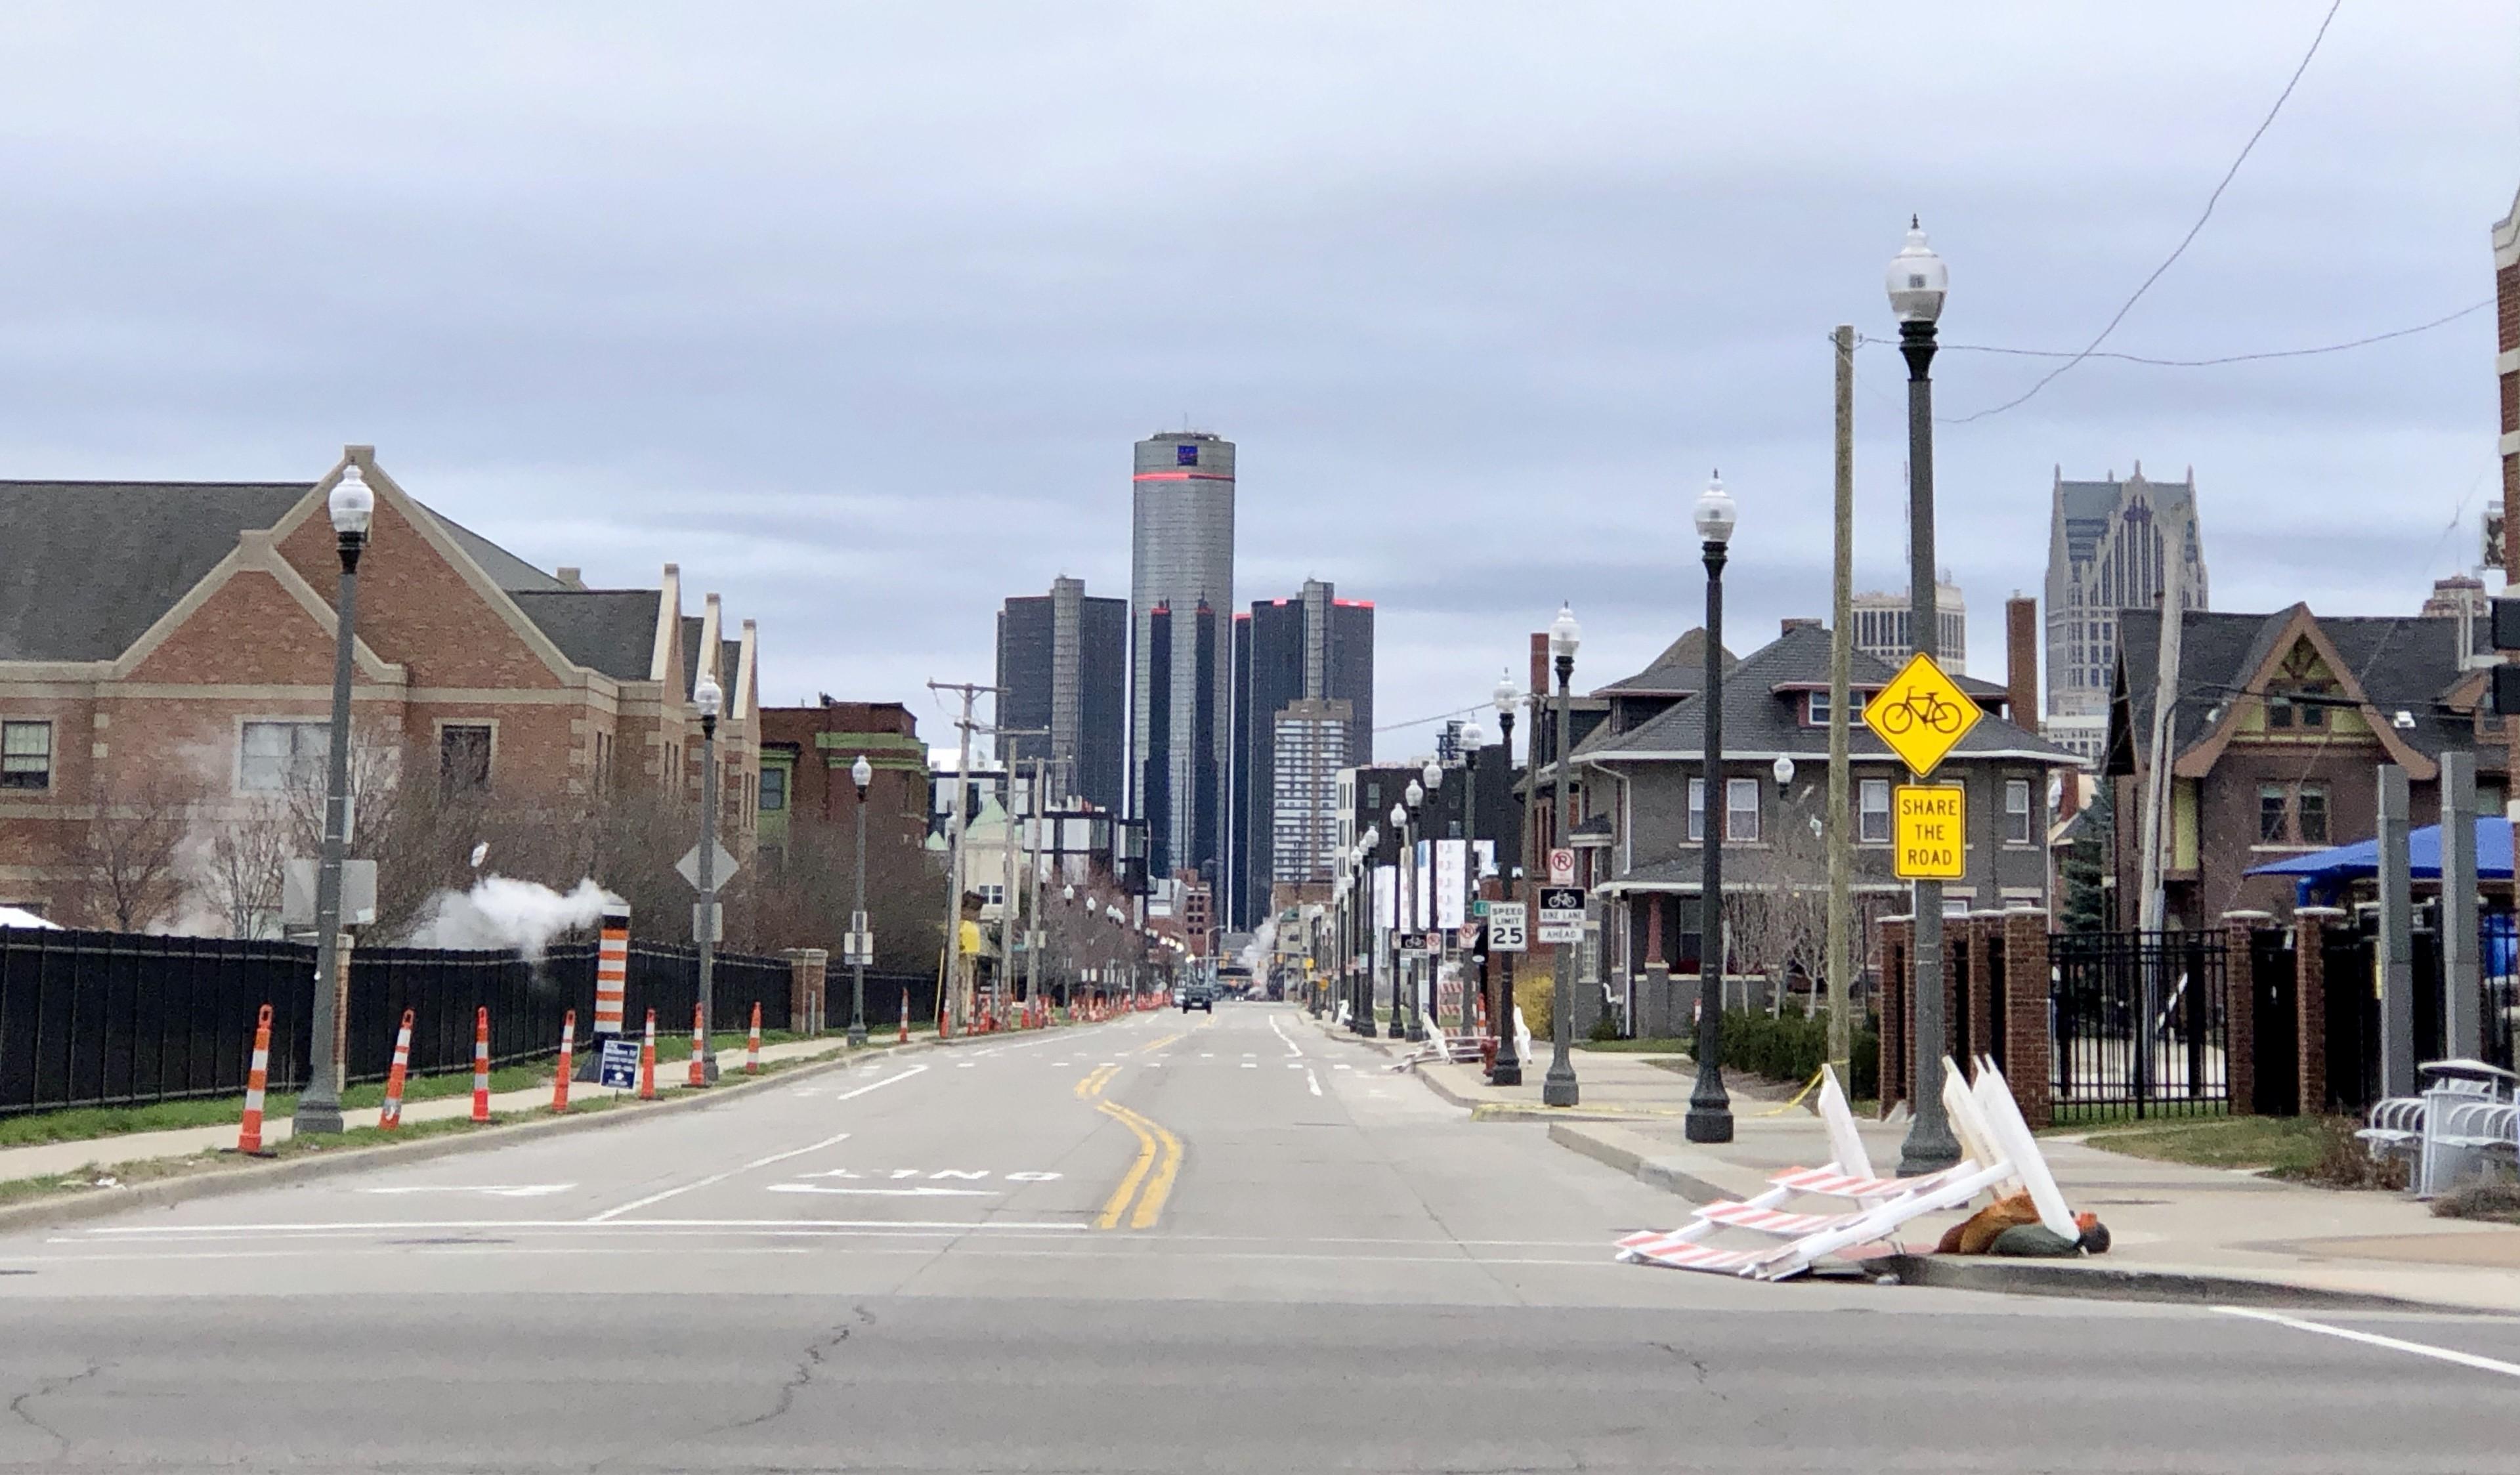 Система распознавания лиц привела ко второму незаконному аресту в Детройте